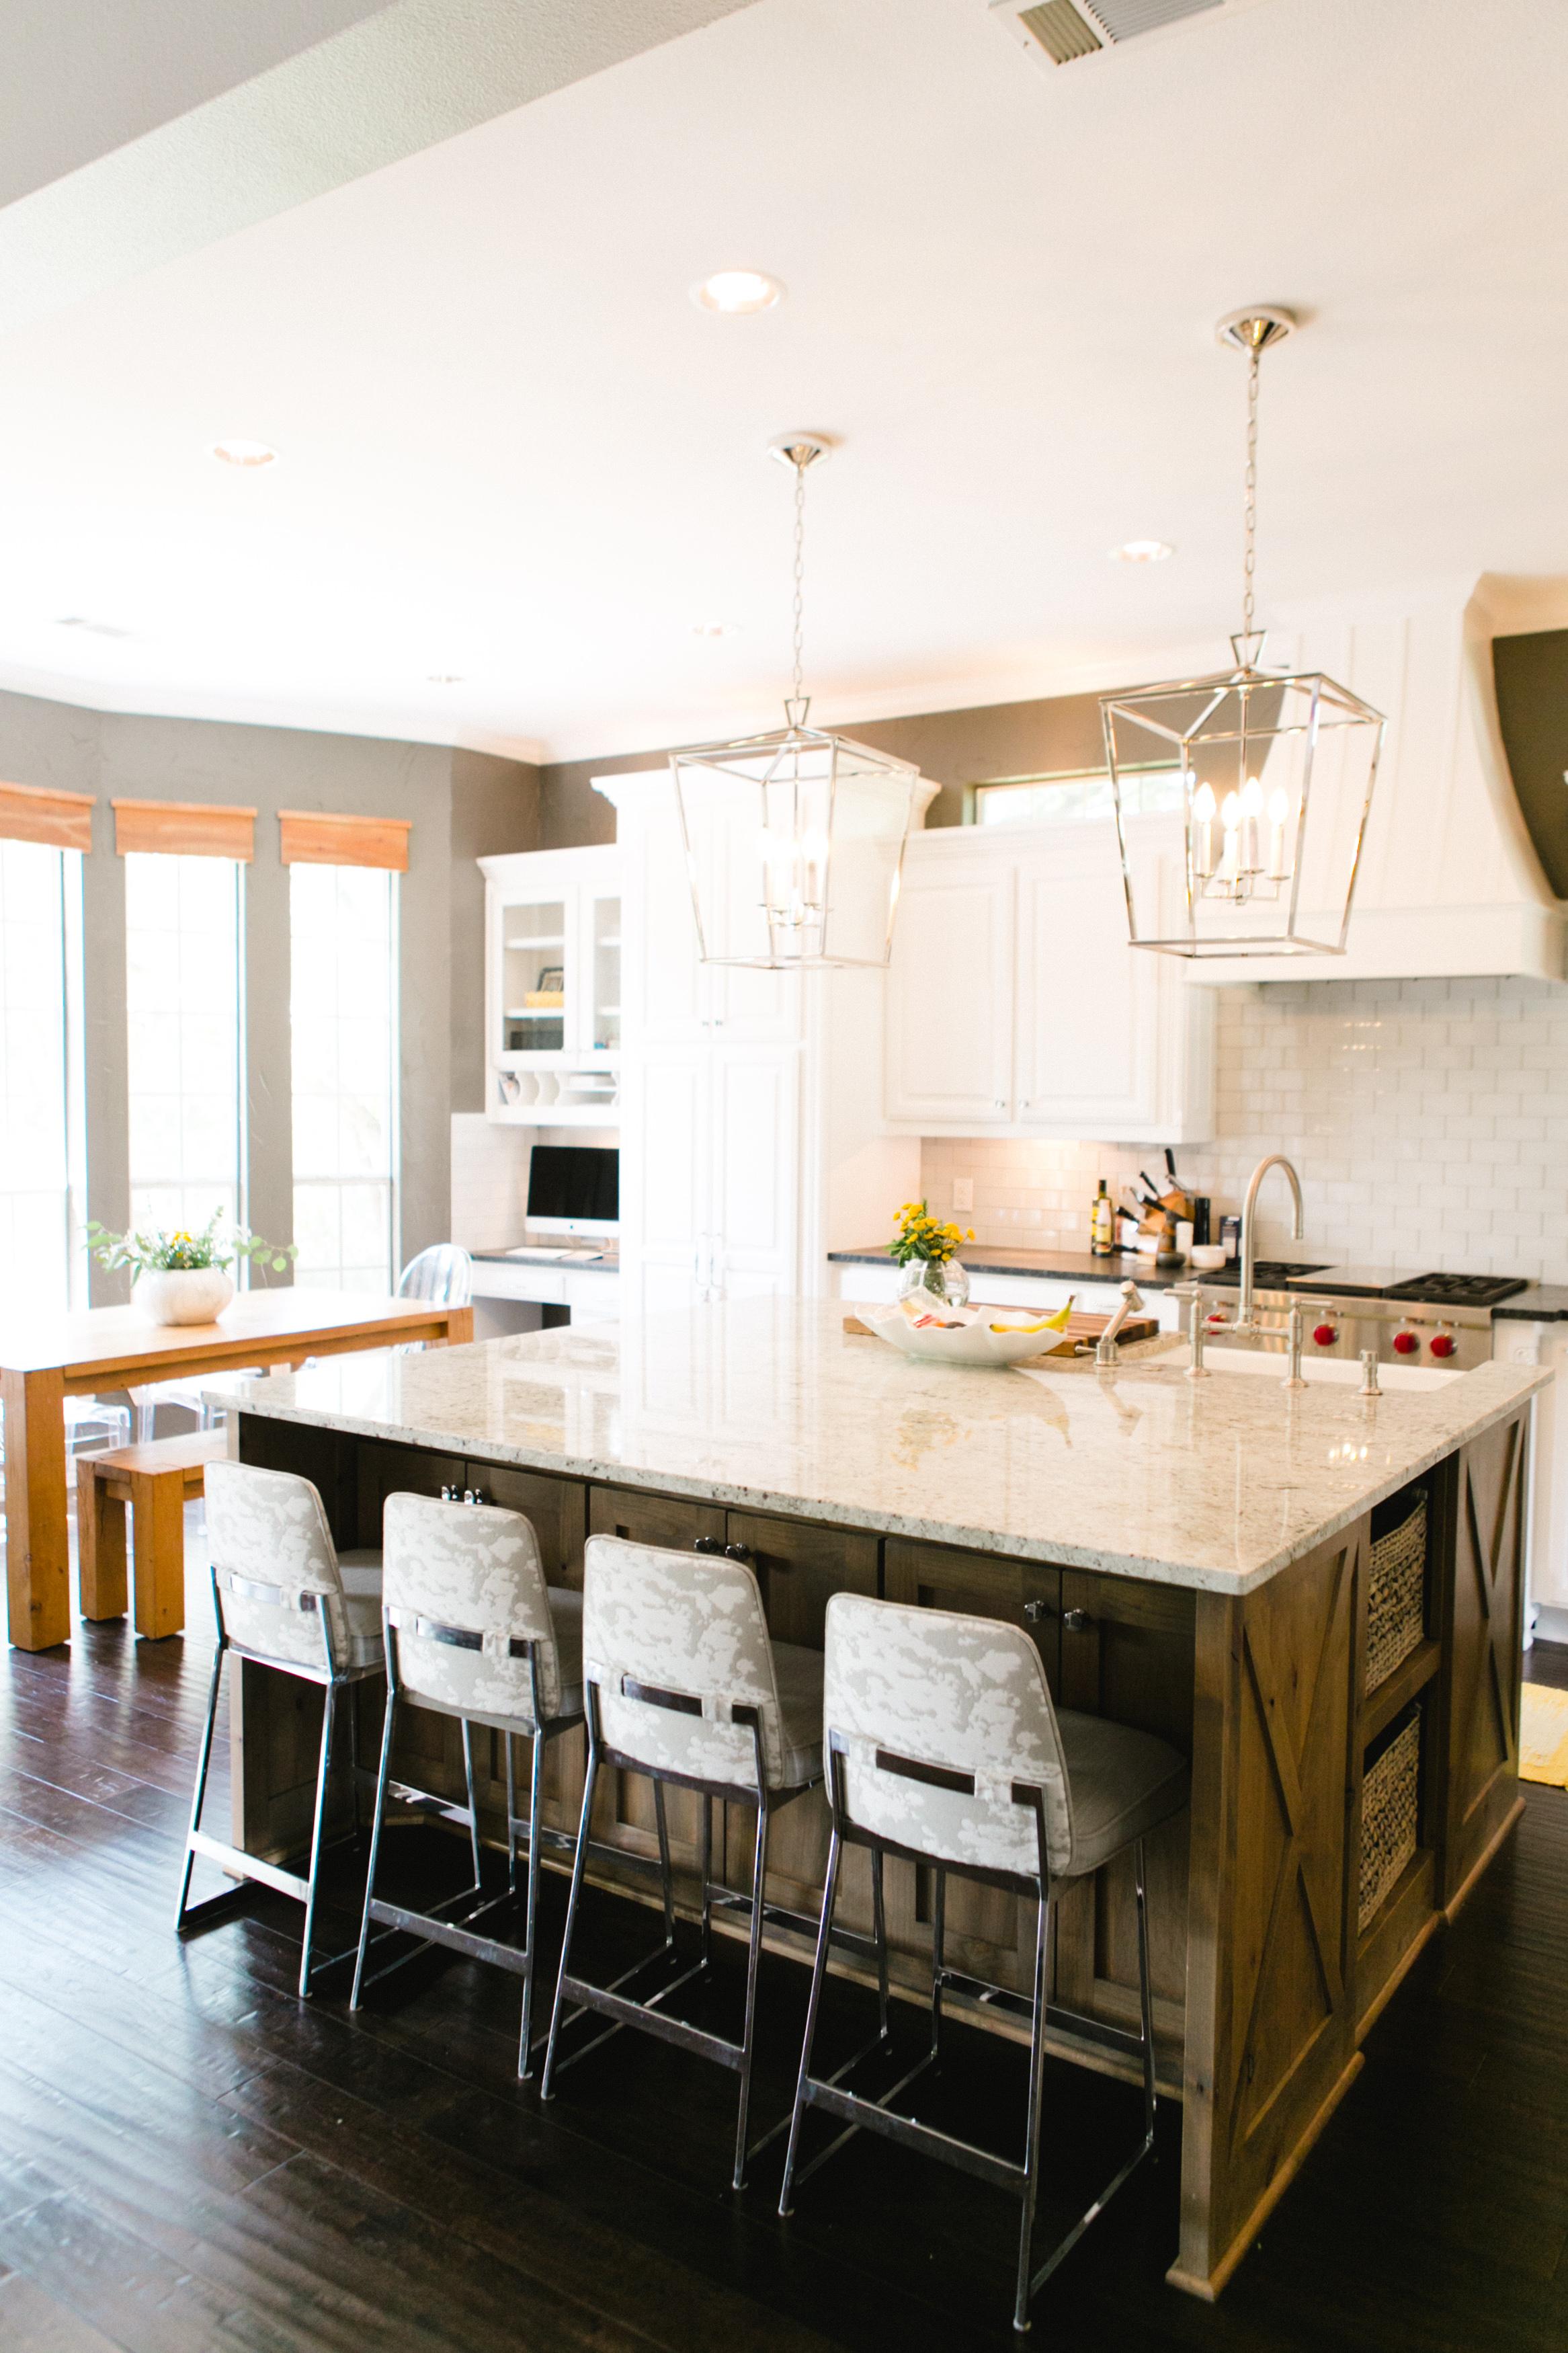 Southlake Kitchen Remodel 23.jpg